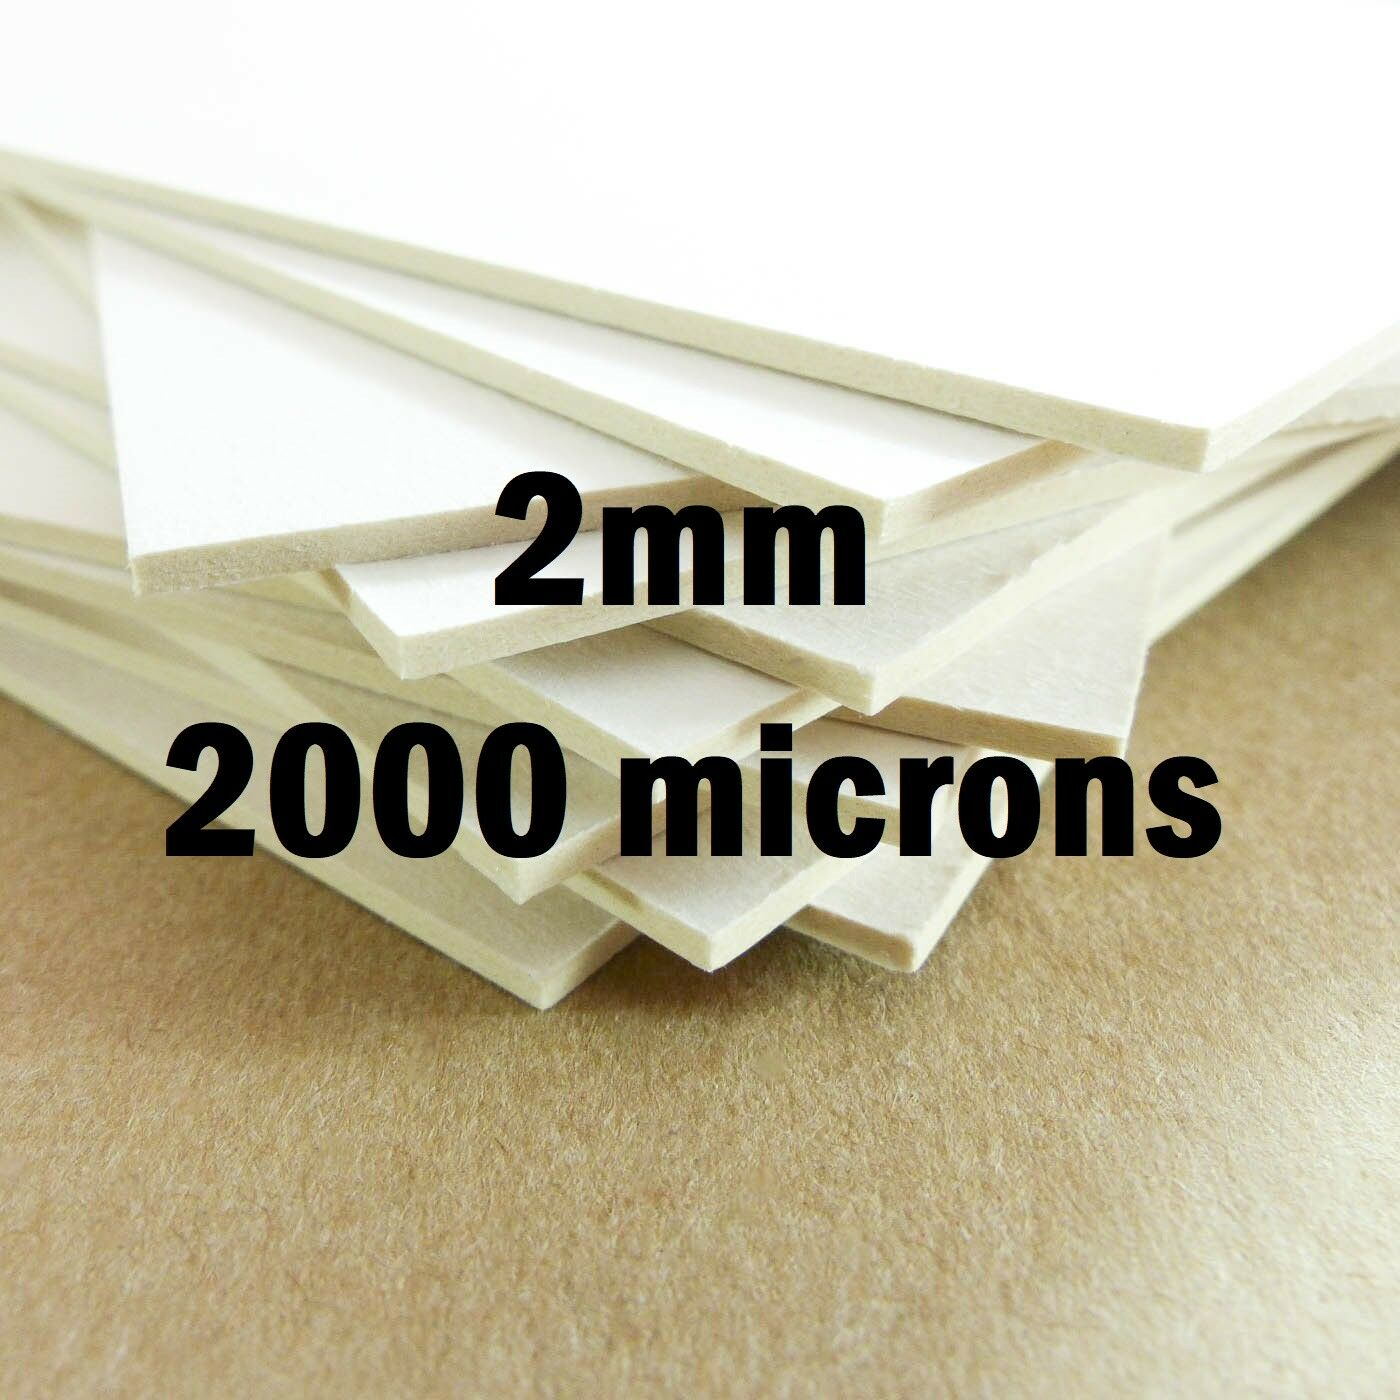 1mm 2mm A4 A3 tablero del forro Tarjetas De Cartón Hojas De Papel Kraft Blanco Modelo De Montaje